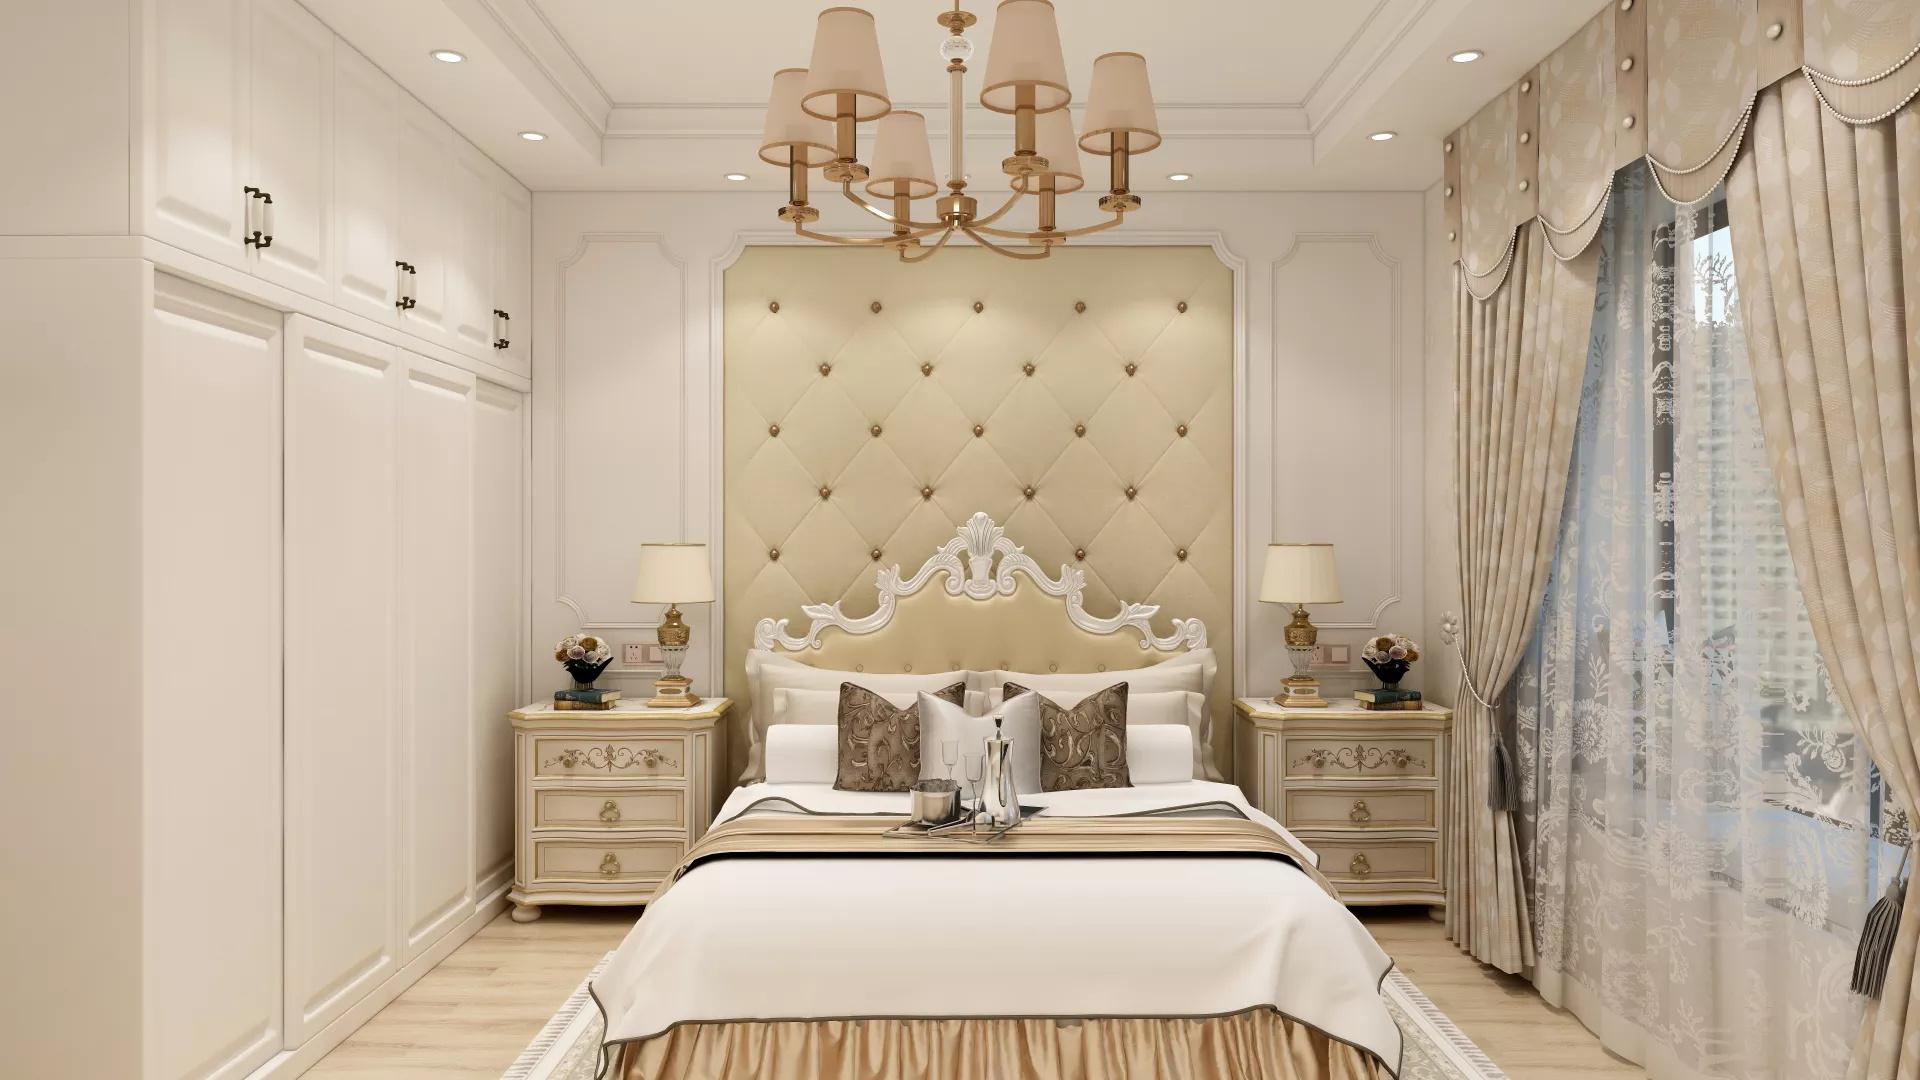 卧室用品要如何选择?卧室用品选购要注意什么?